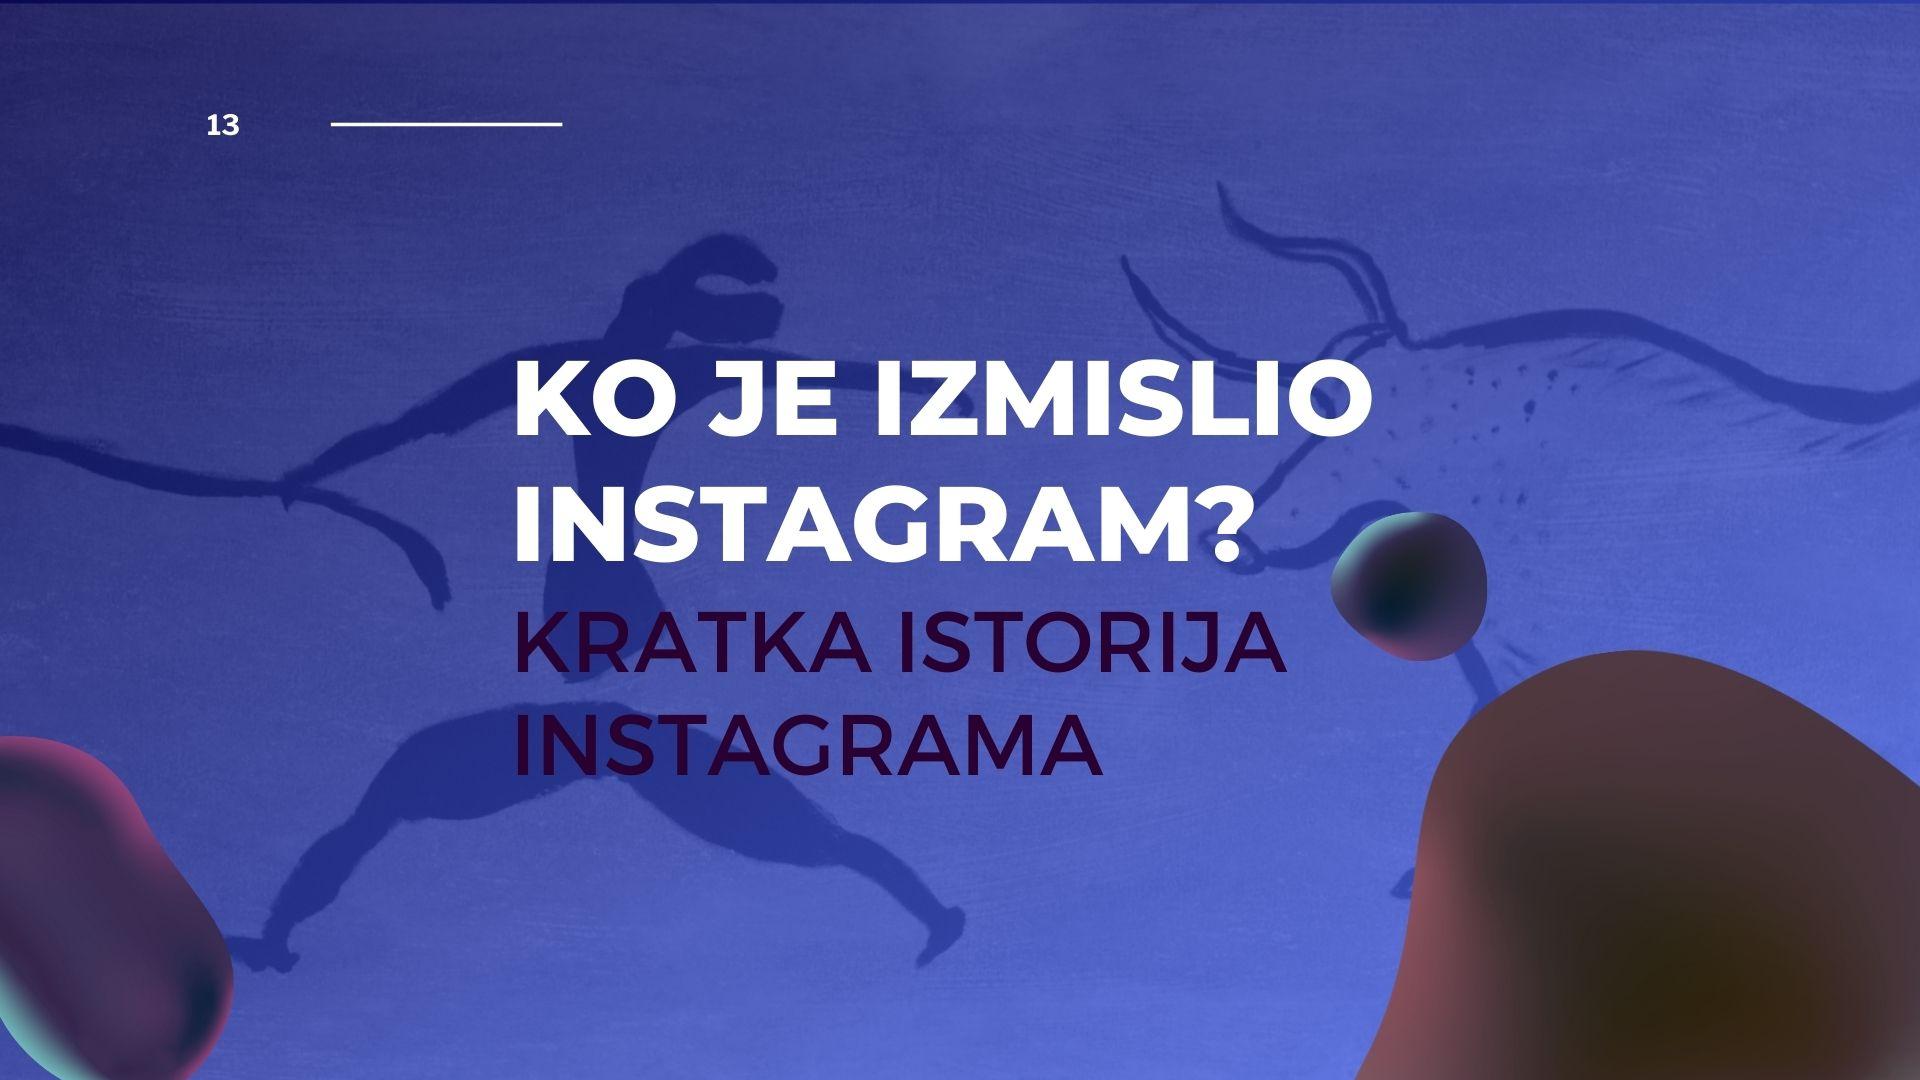 KO-JE-IZMISLIO-INSTAGRAM_-KRATKA-ISTORIJA-INSTAGRAMA